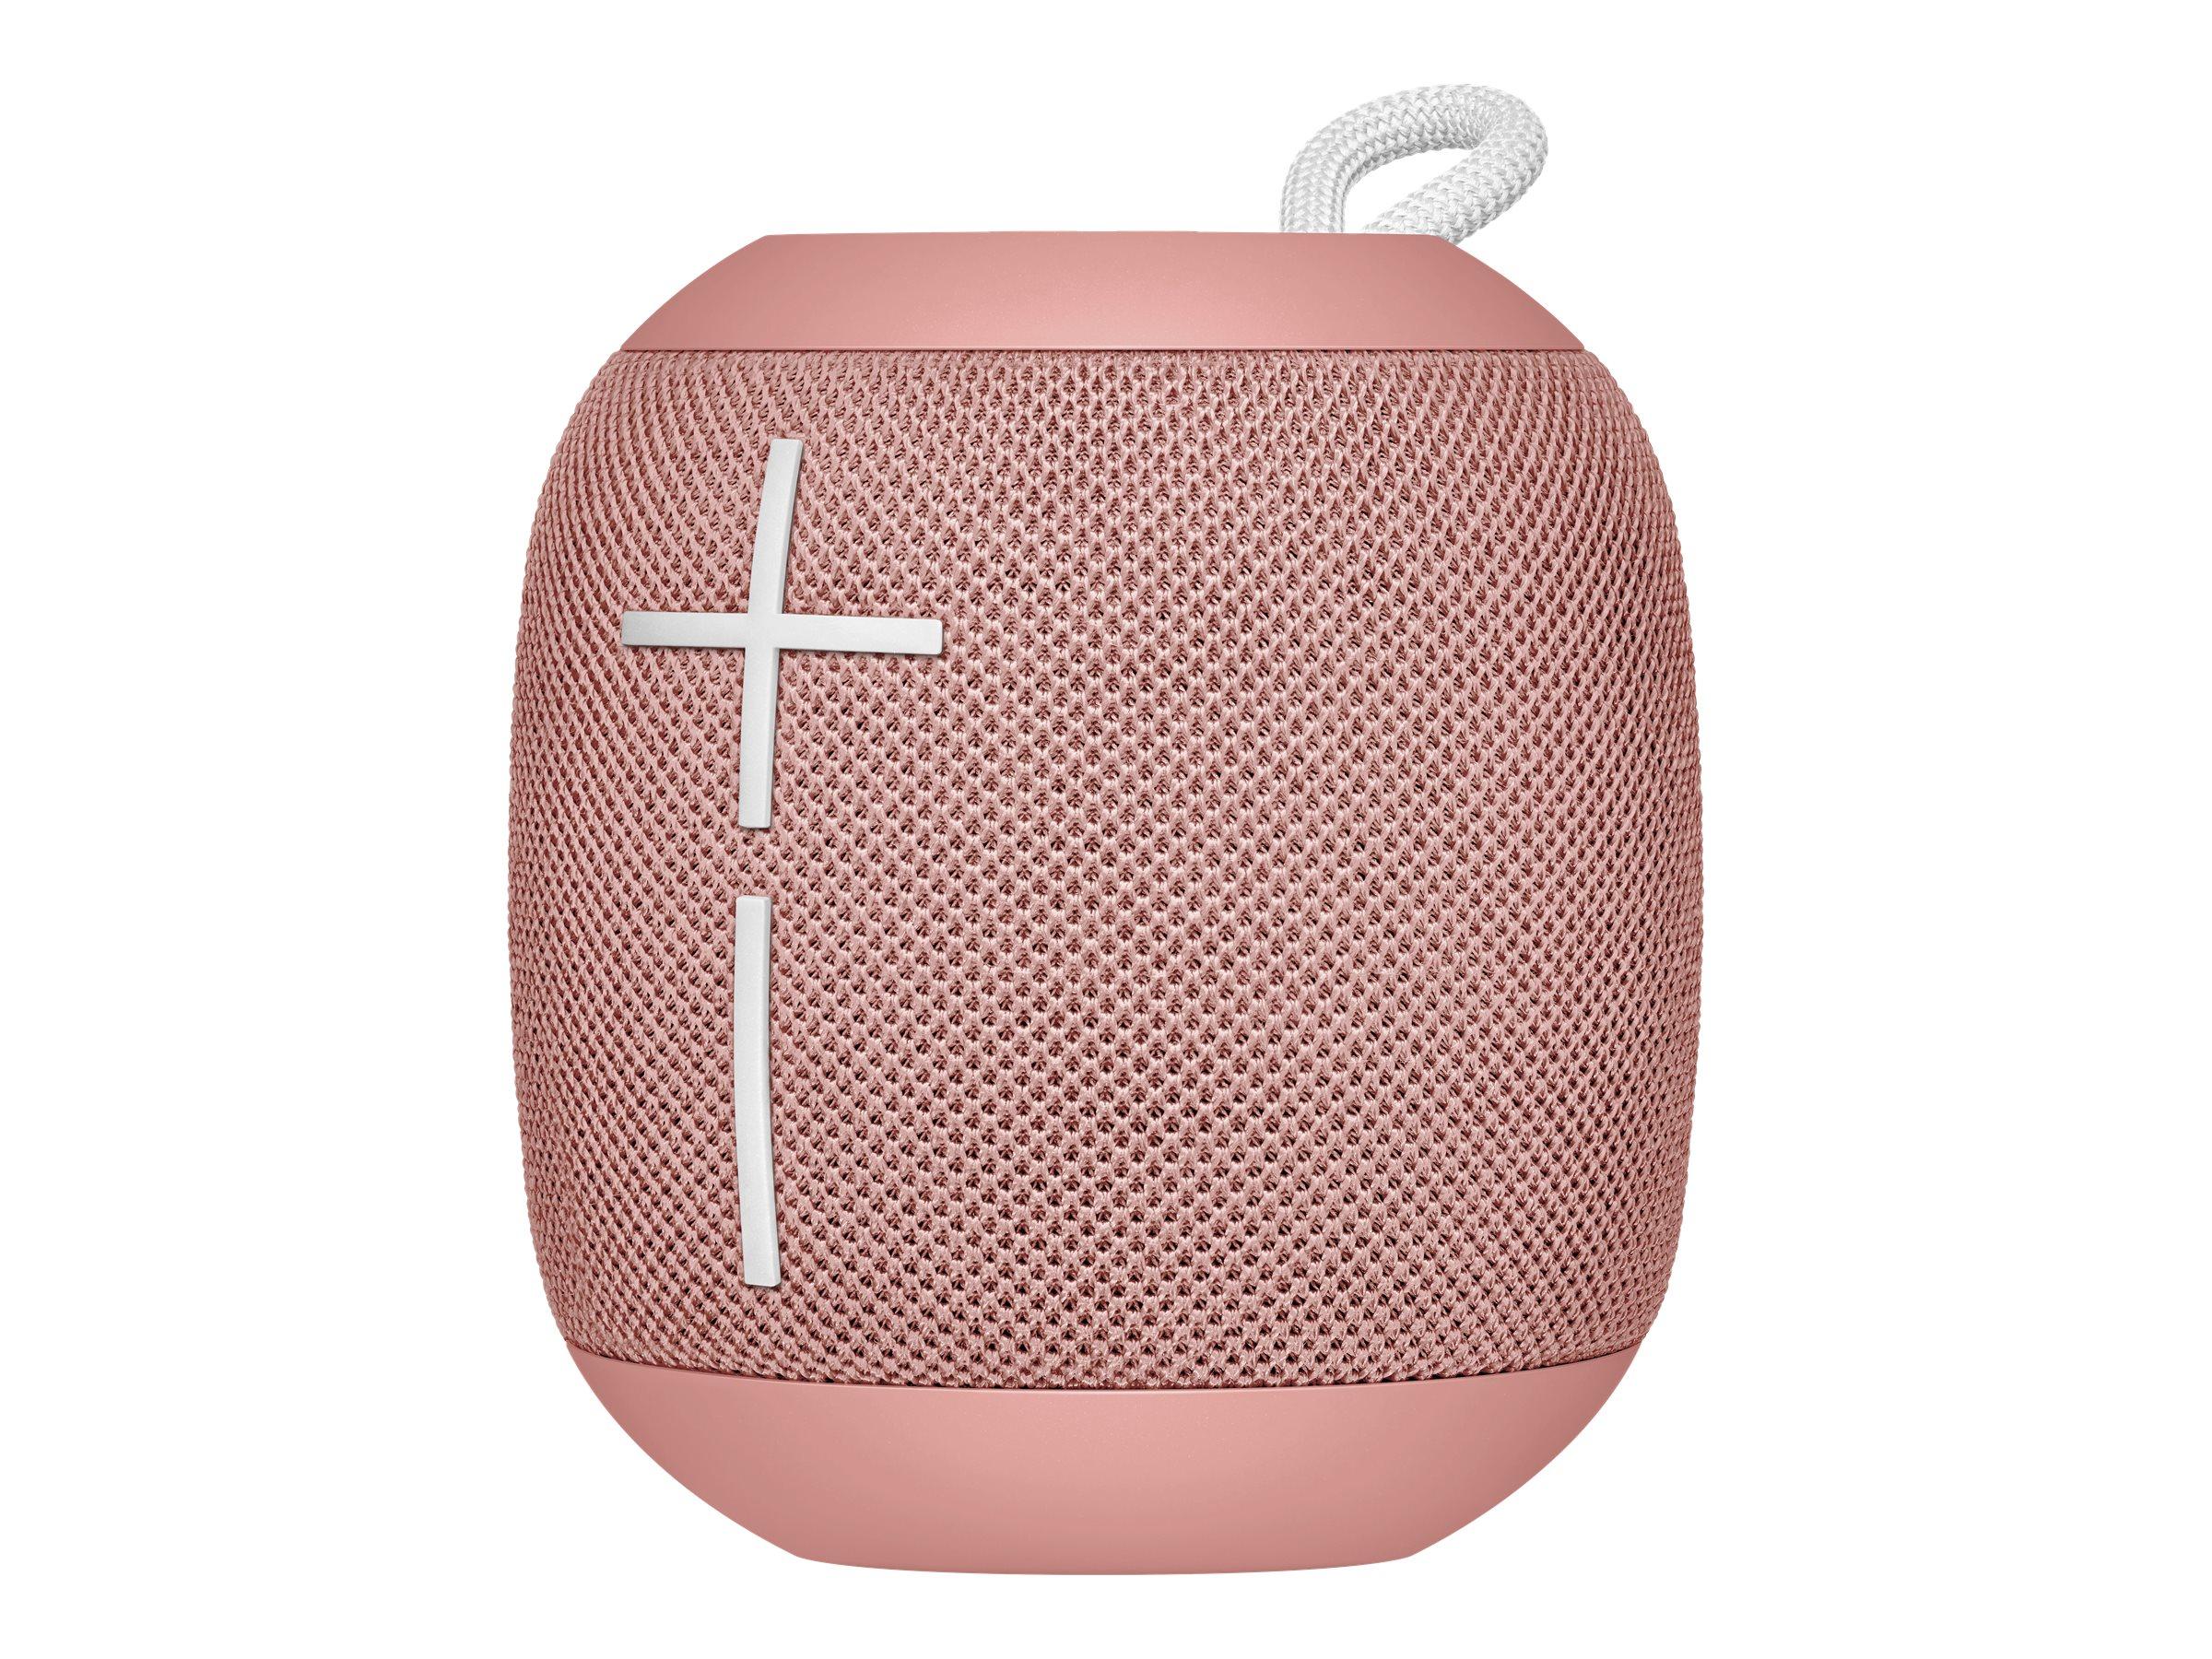 Ultimate Ears WONDERBOOM - Lautsprecher - tragbar - kabellos - Bluetooth - Kaschmir